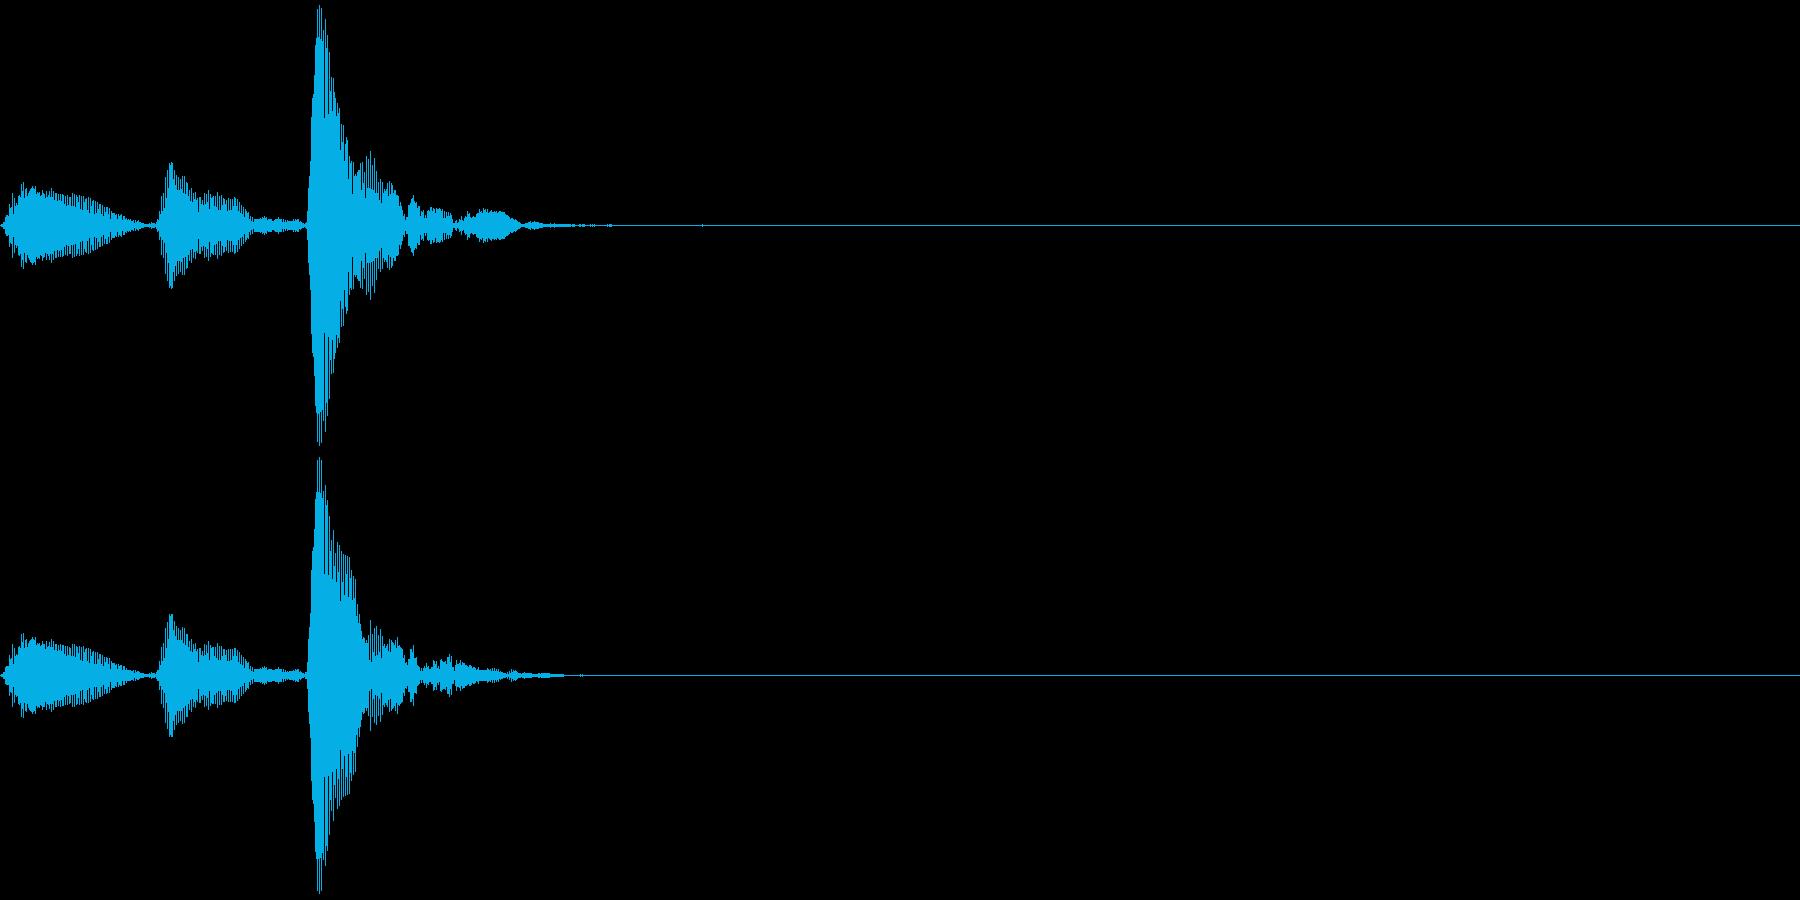 和楽器・鼓(つづみ)の3連打ポポポン2の再生済みの波形